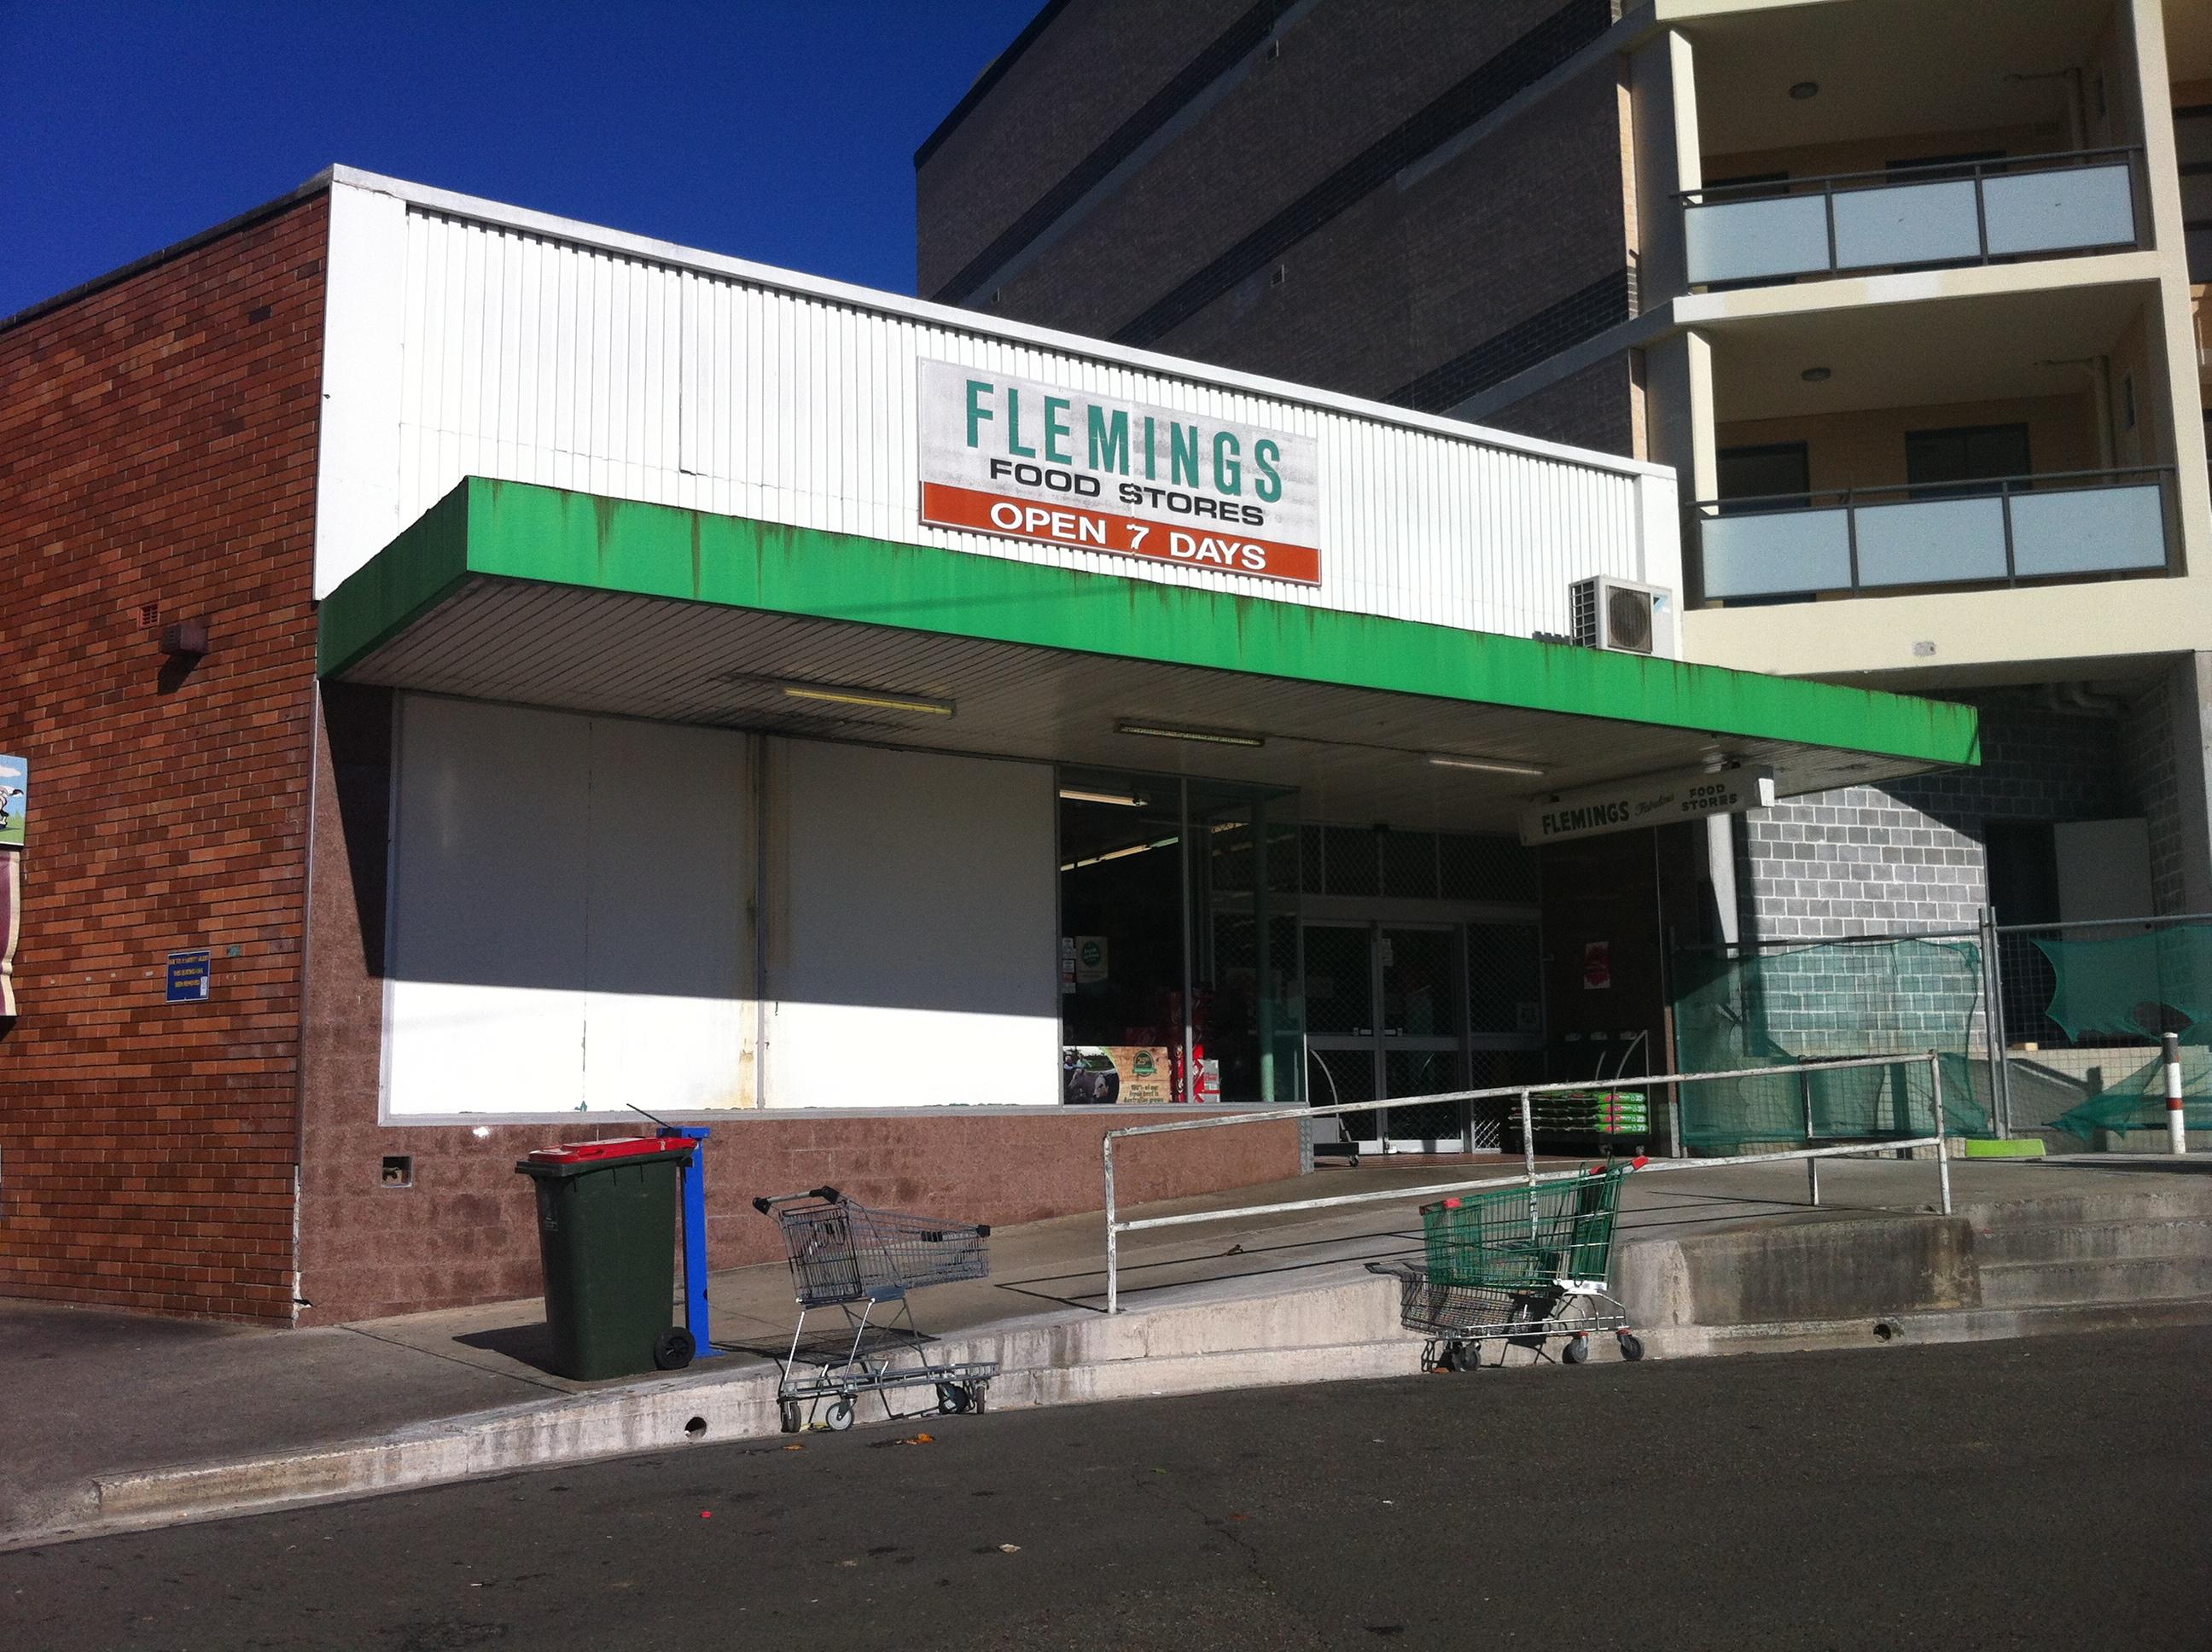 Flemings Fabulous Food Stores